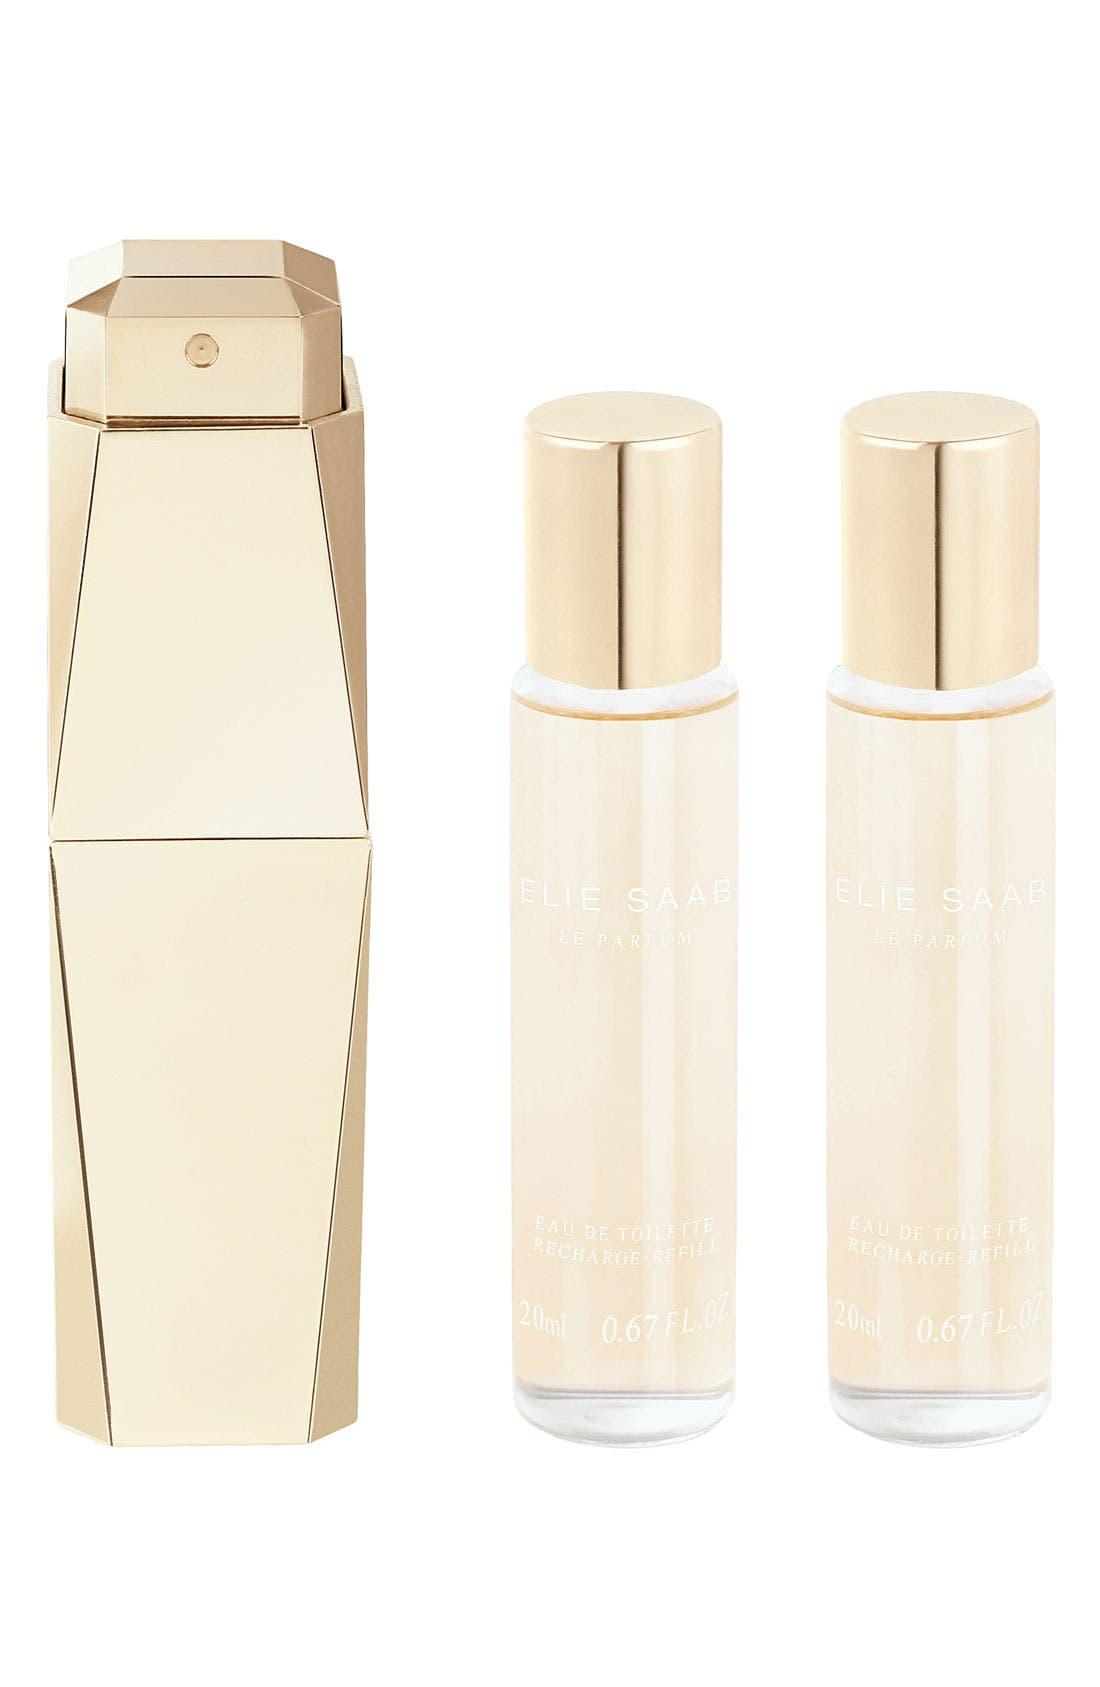 Main Image - Elie Saab 'Le Parfum' Eau de Toilette Purse Spray & Refills